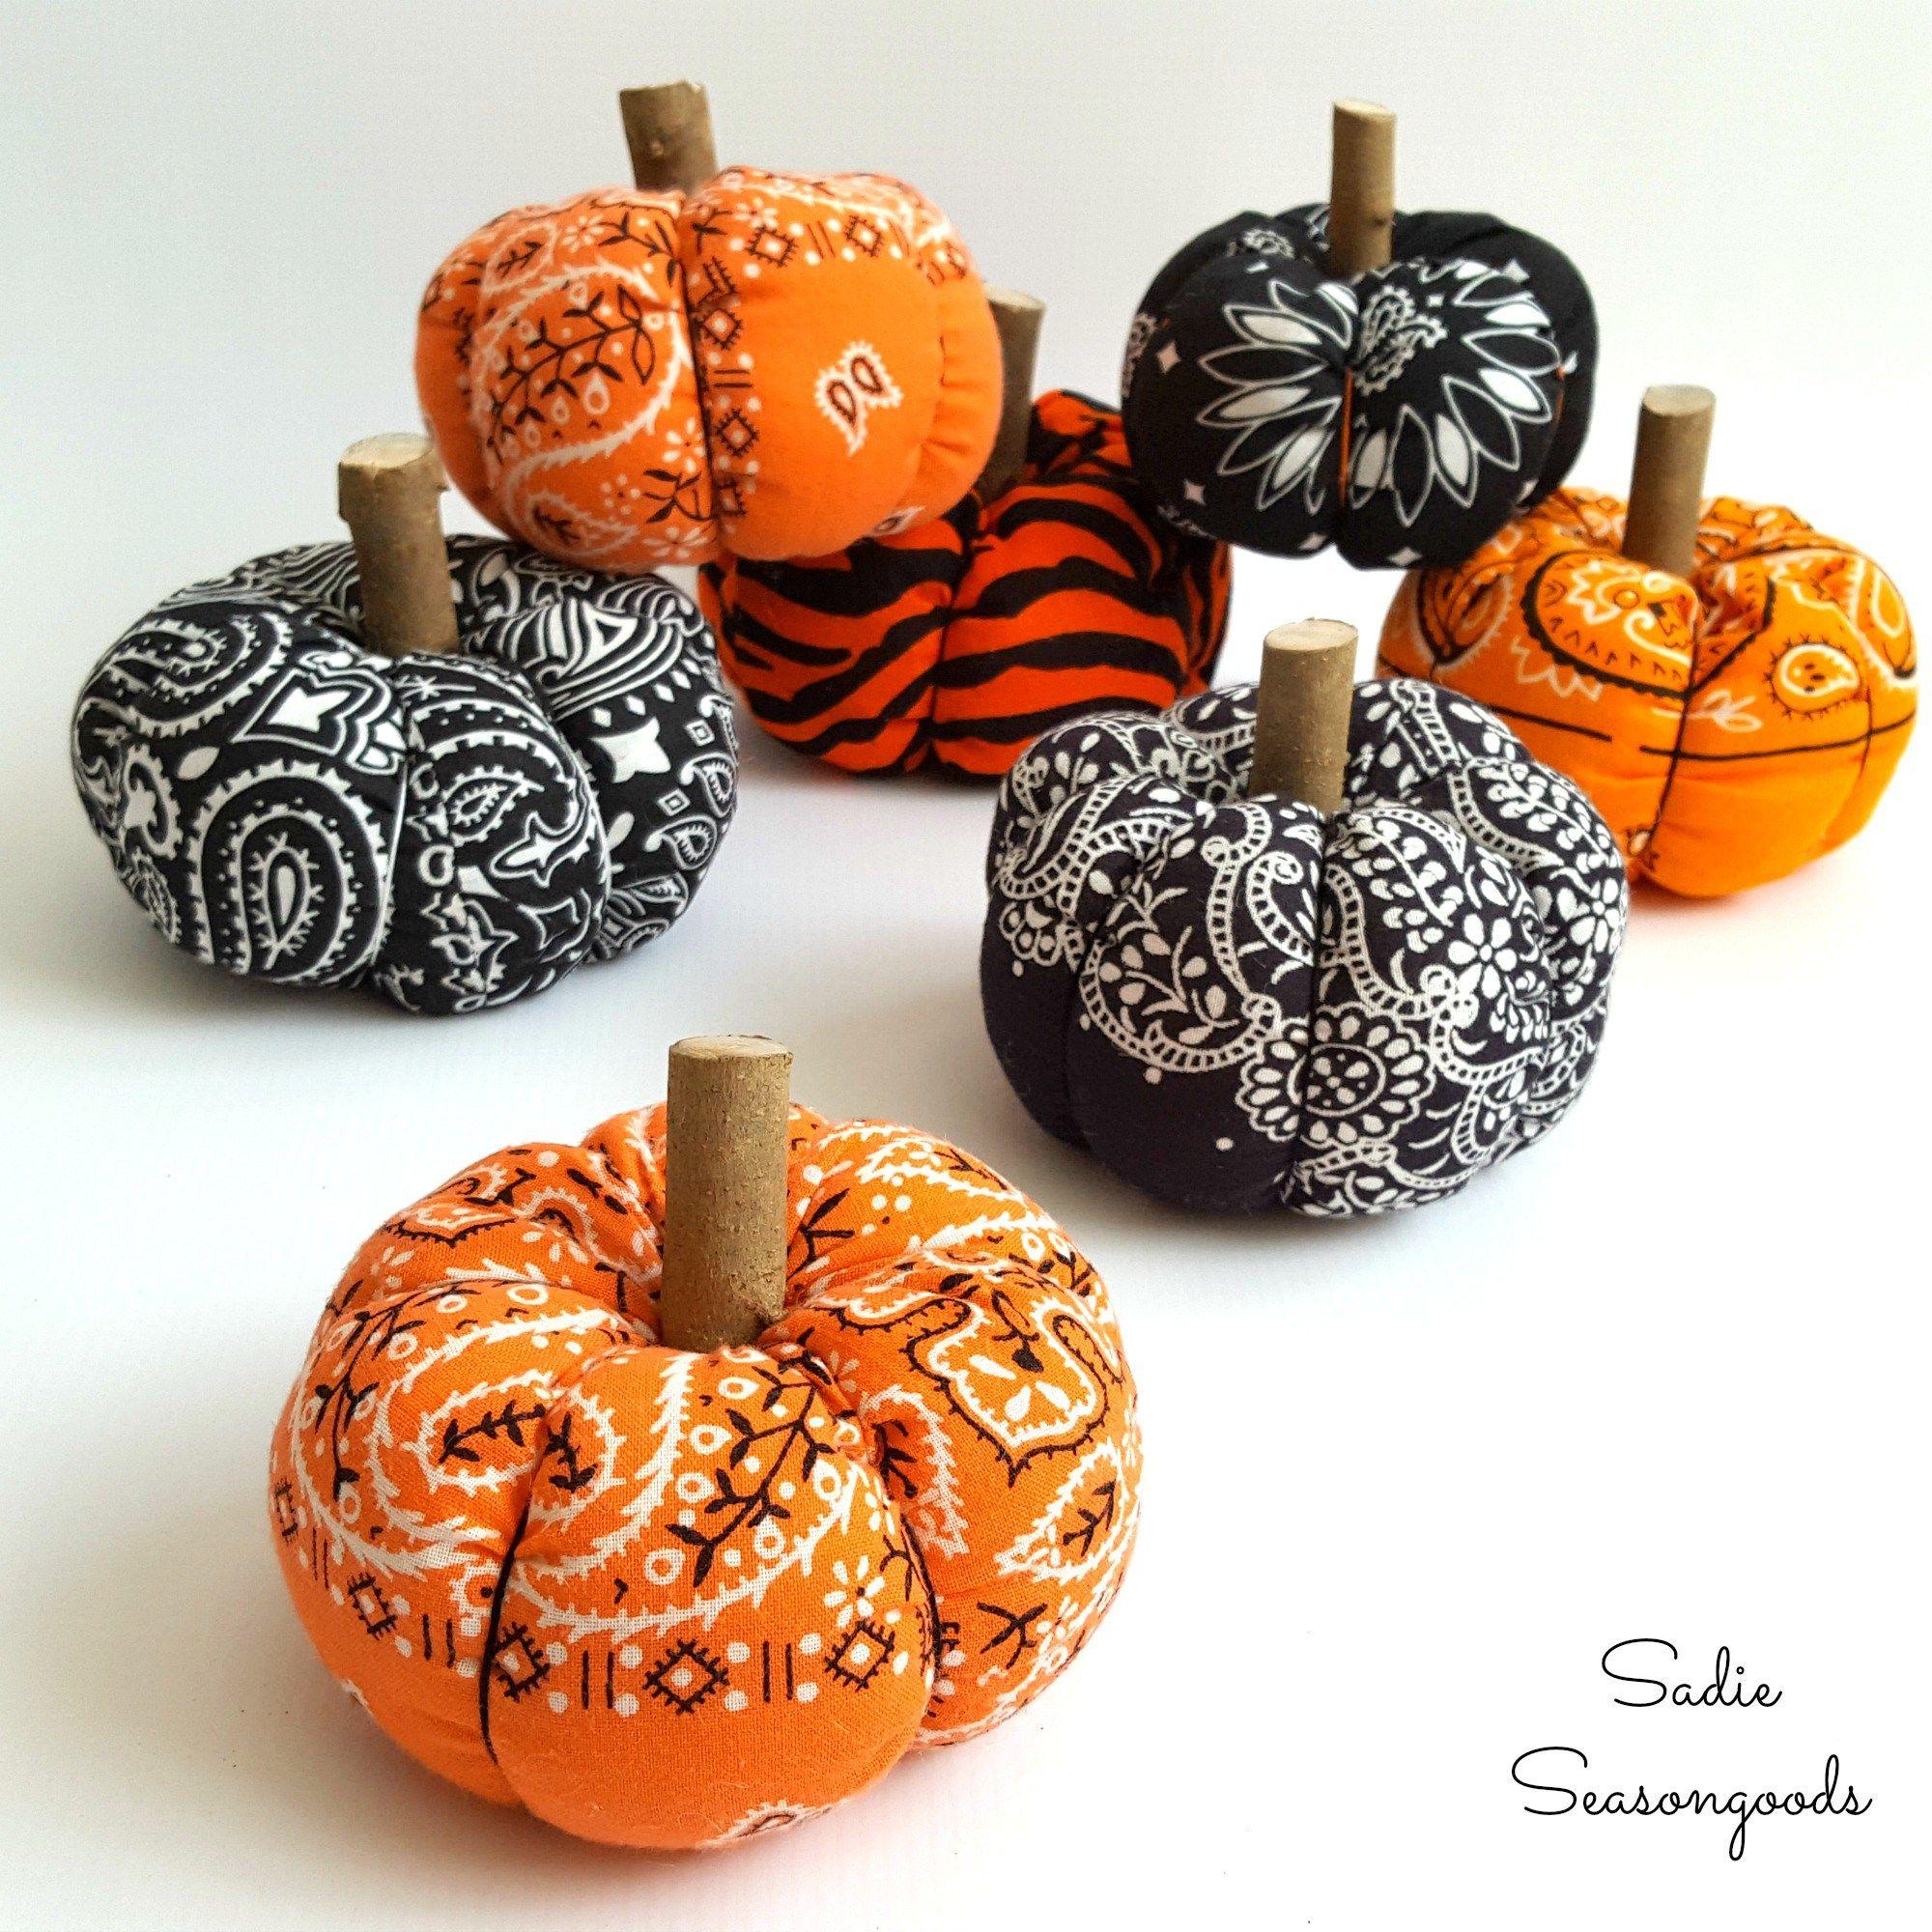 Bandana Pumpkins / Fabric Pumpkins for Country Halloween